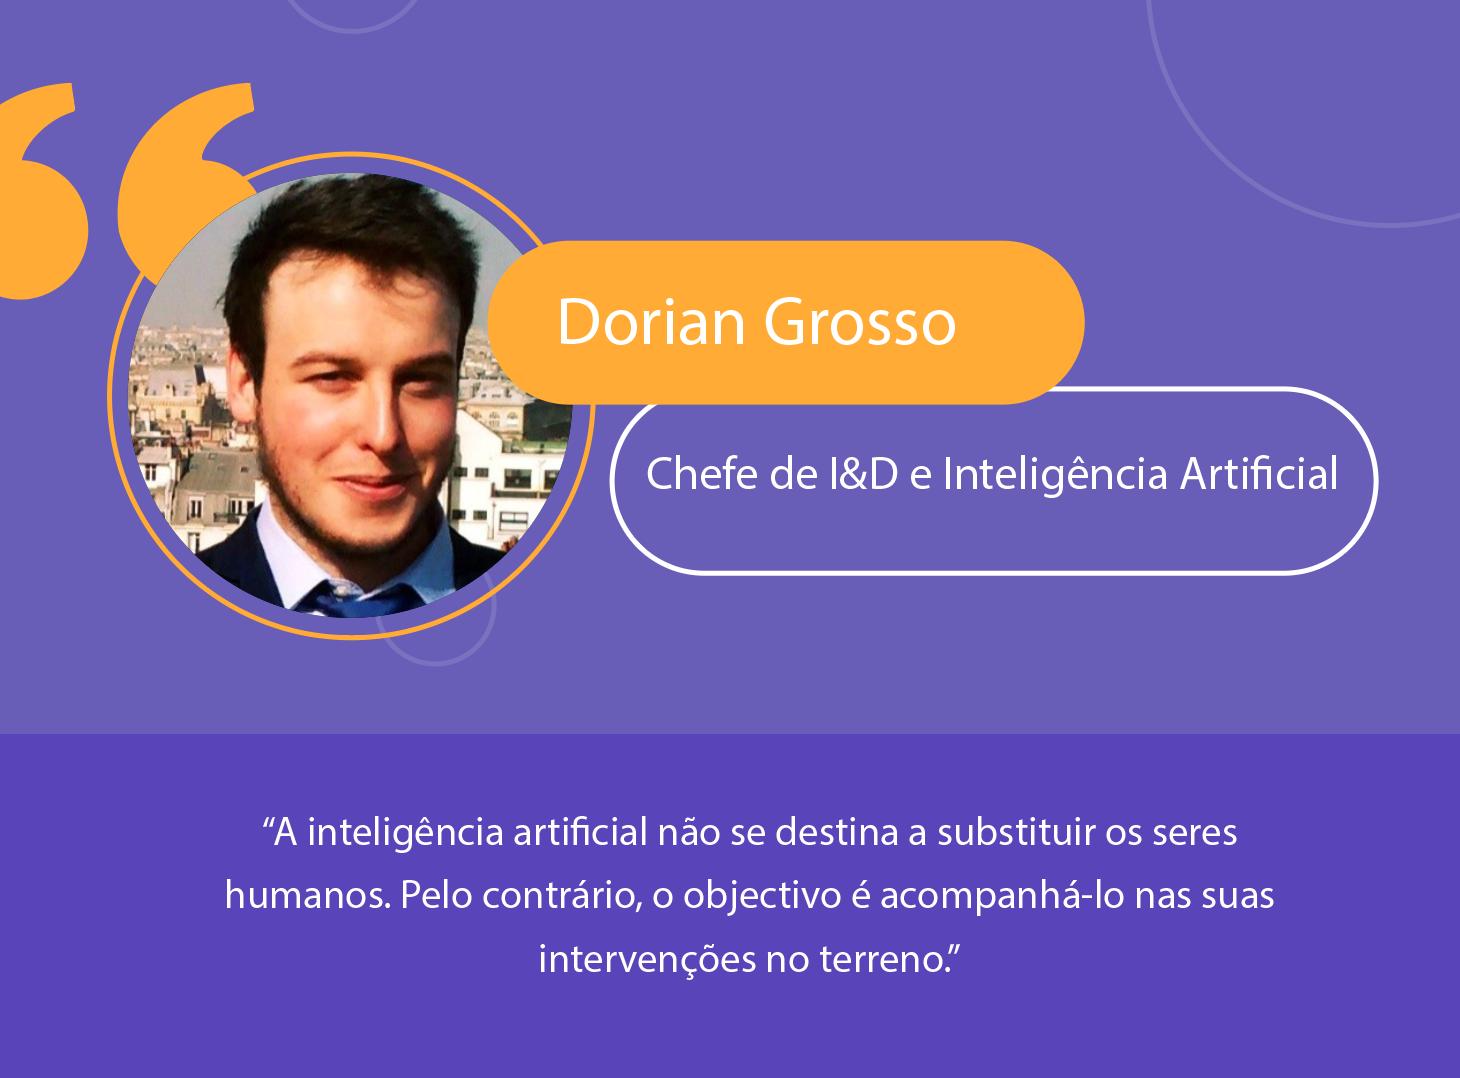 Indústria: Inteligência artificial como complemento ao ser humano